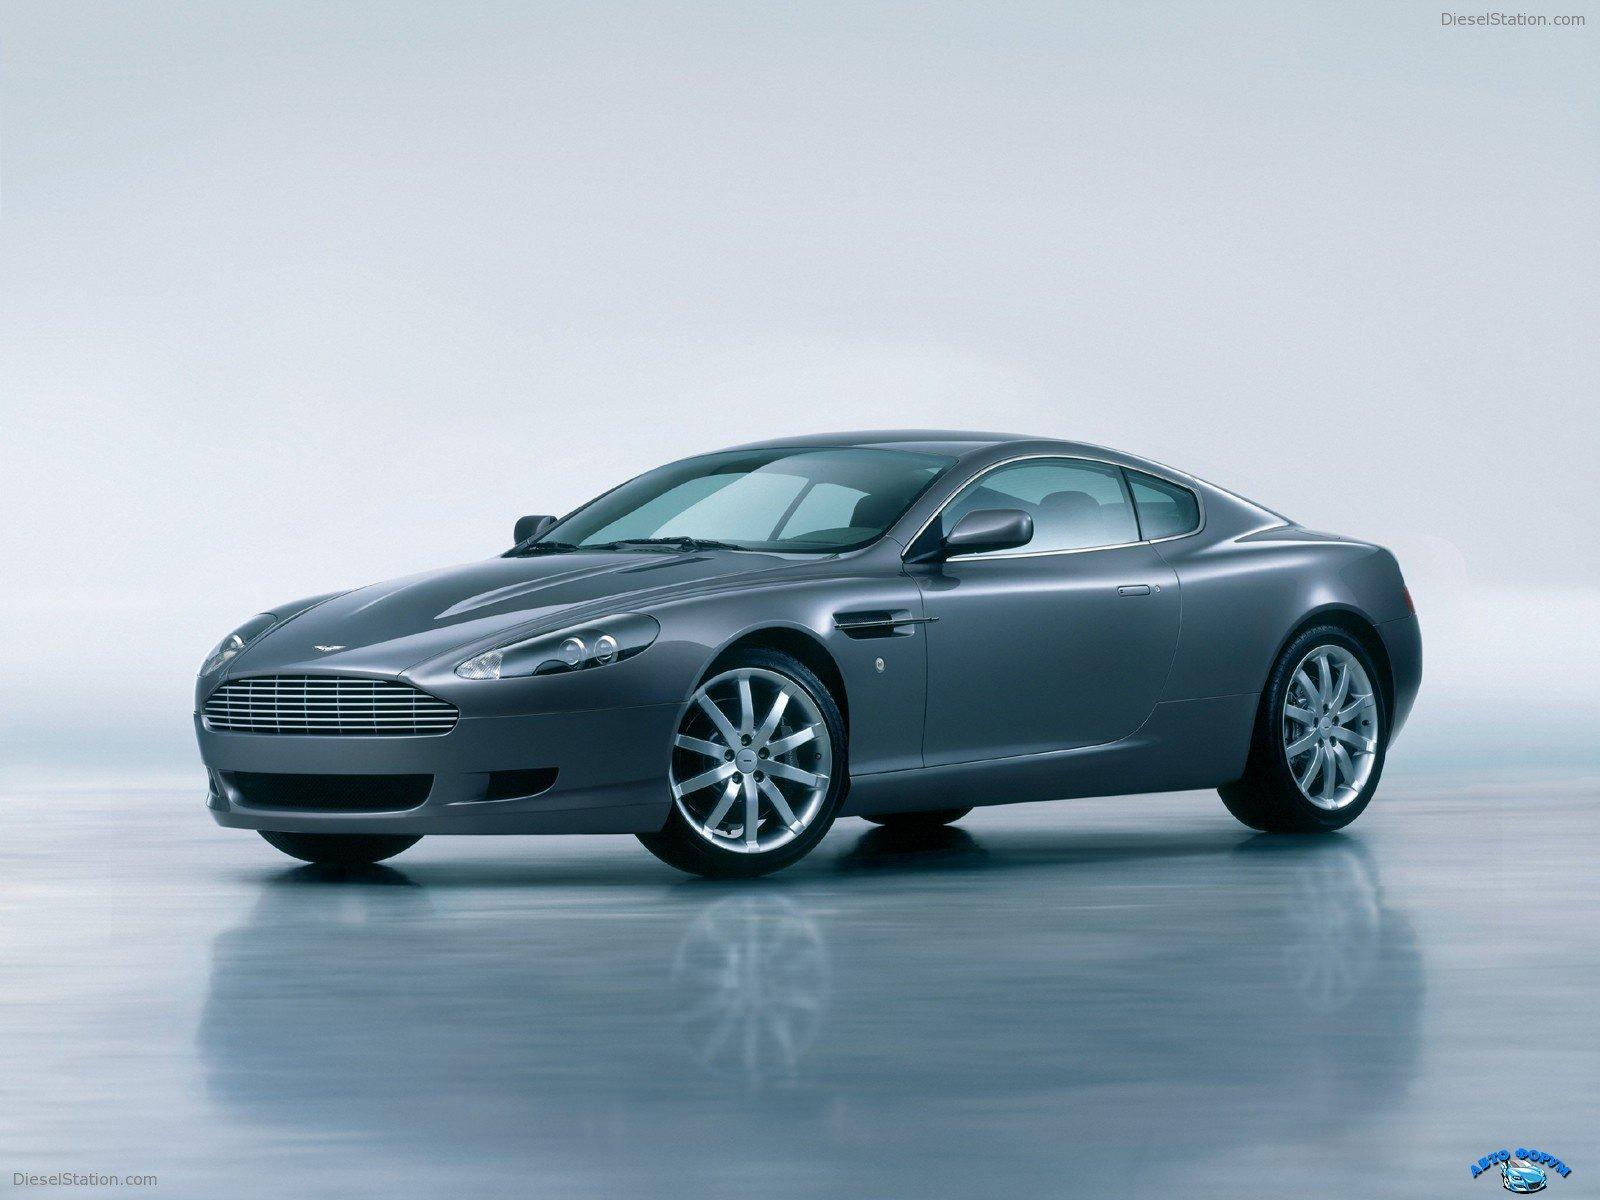 Aston-Martin-DB9-008.jpg